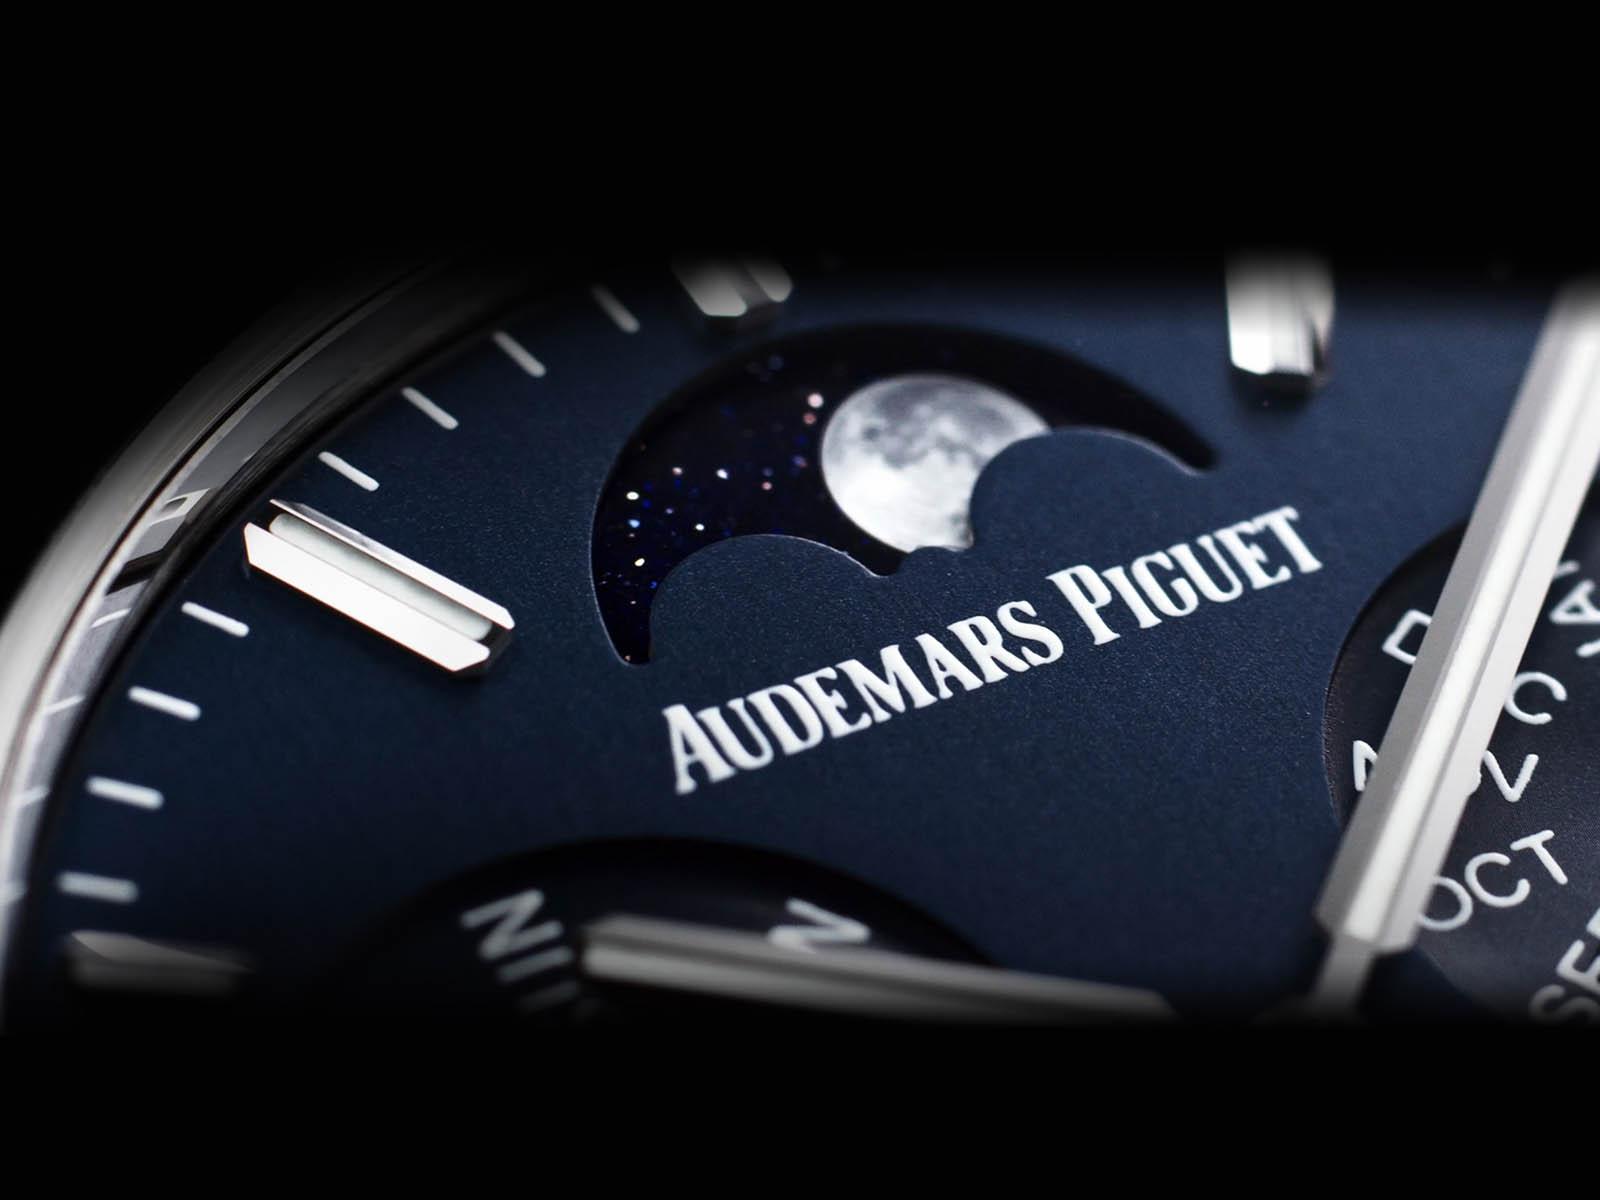 26586ip-oo-1240ip-01-audem/ars-piguet-royal-oak-perpetual-calendar-ultra-thin-4.jpg